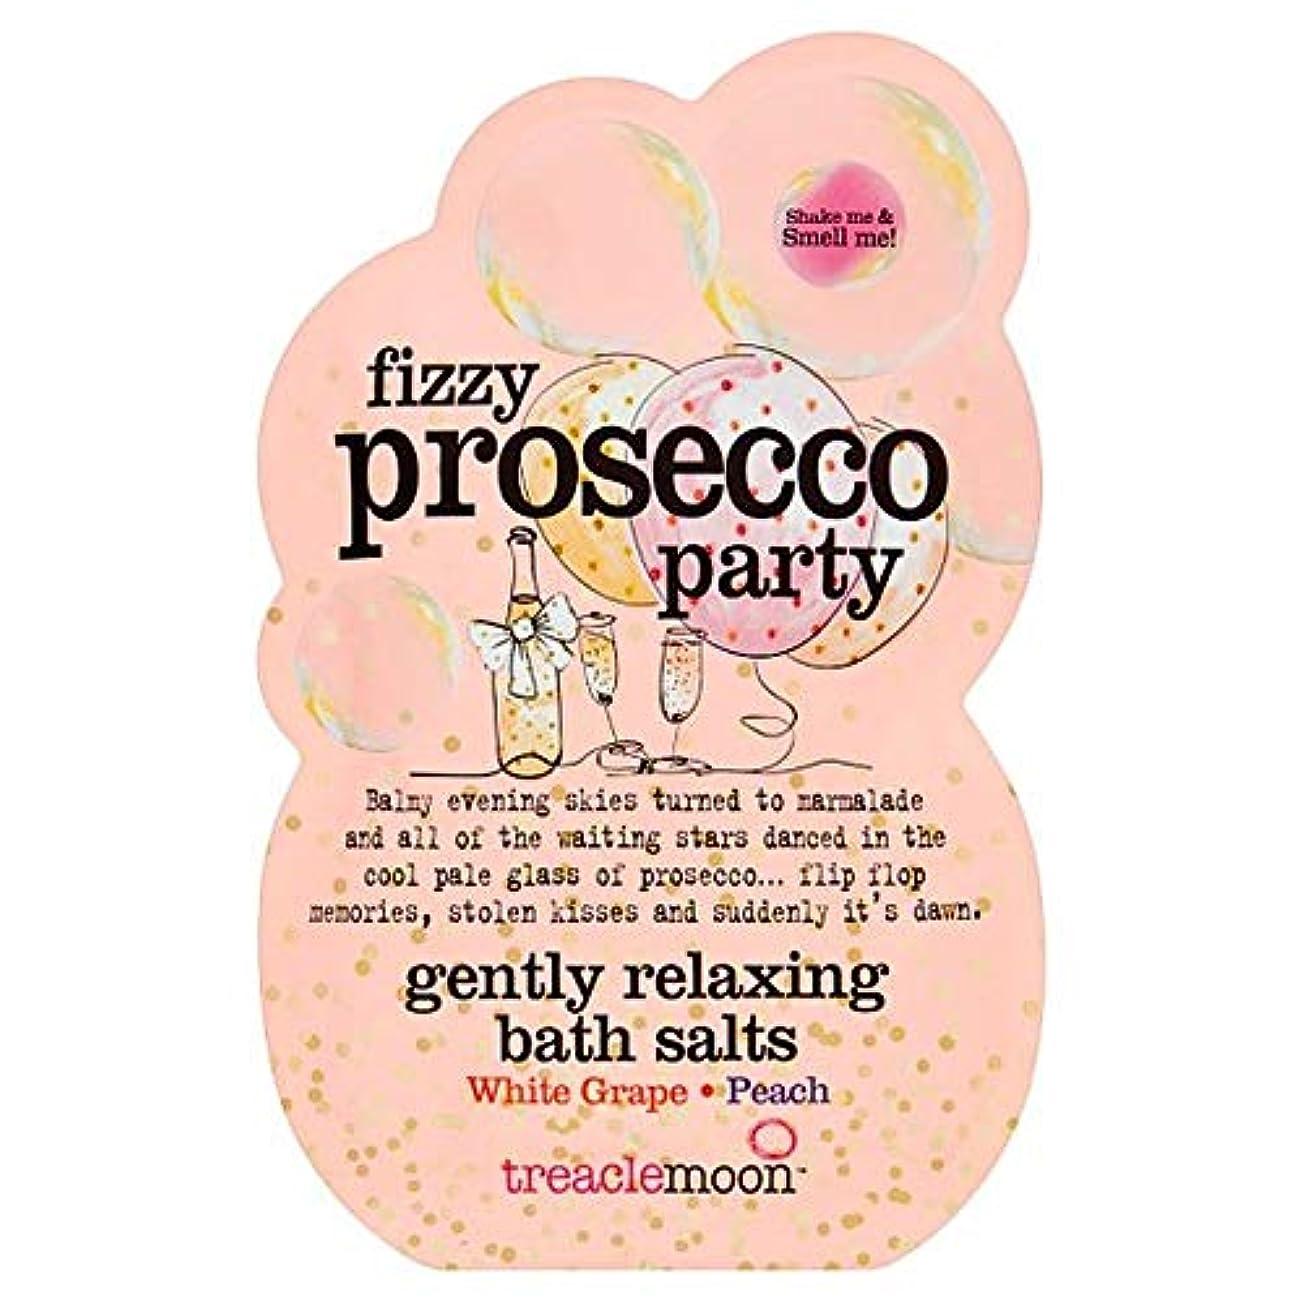 歩行者駅嵐の[Treacle Moon] Treaclemoonプロセッコパーティーバスソルトの80グラム - Treaclemoon Prosecco Party Bath Salts 80G [並行輸入品]